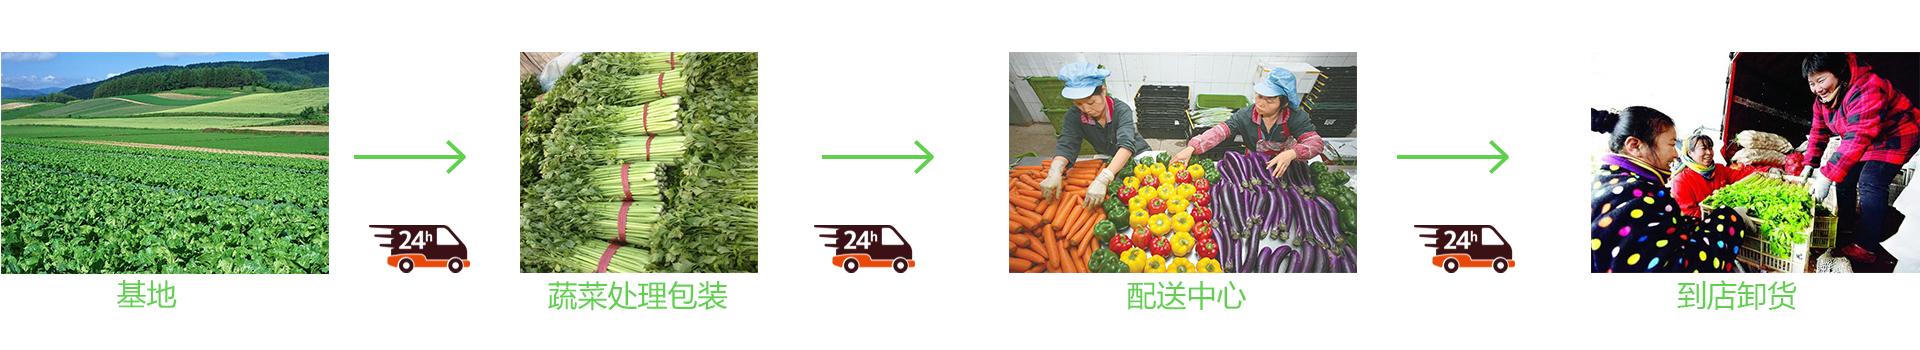 服务流程:基地-蔬菜包装-配送中心-到店卸货。